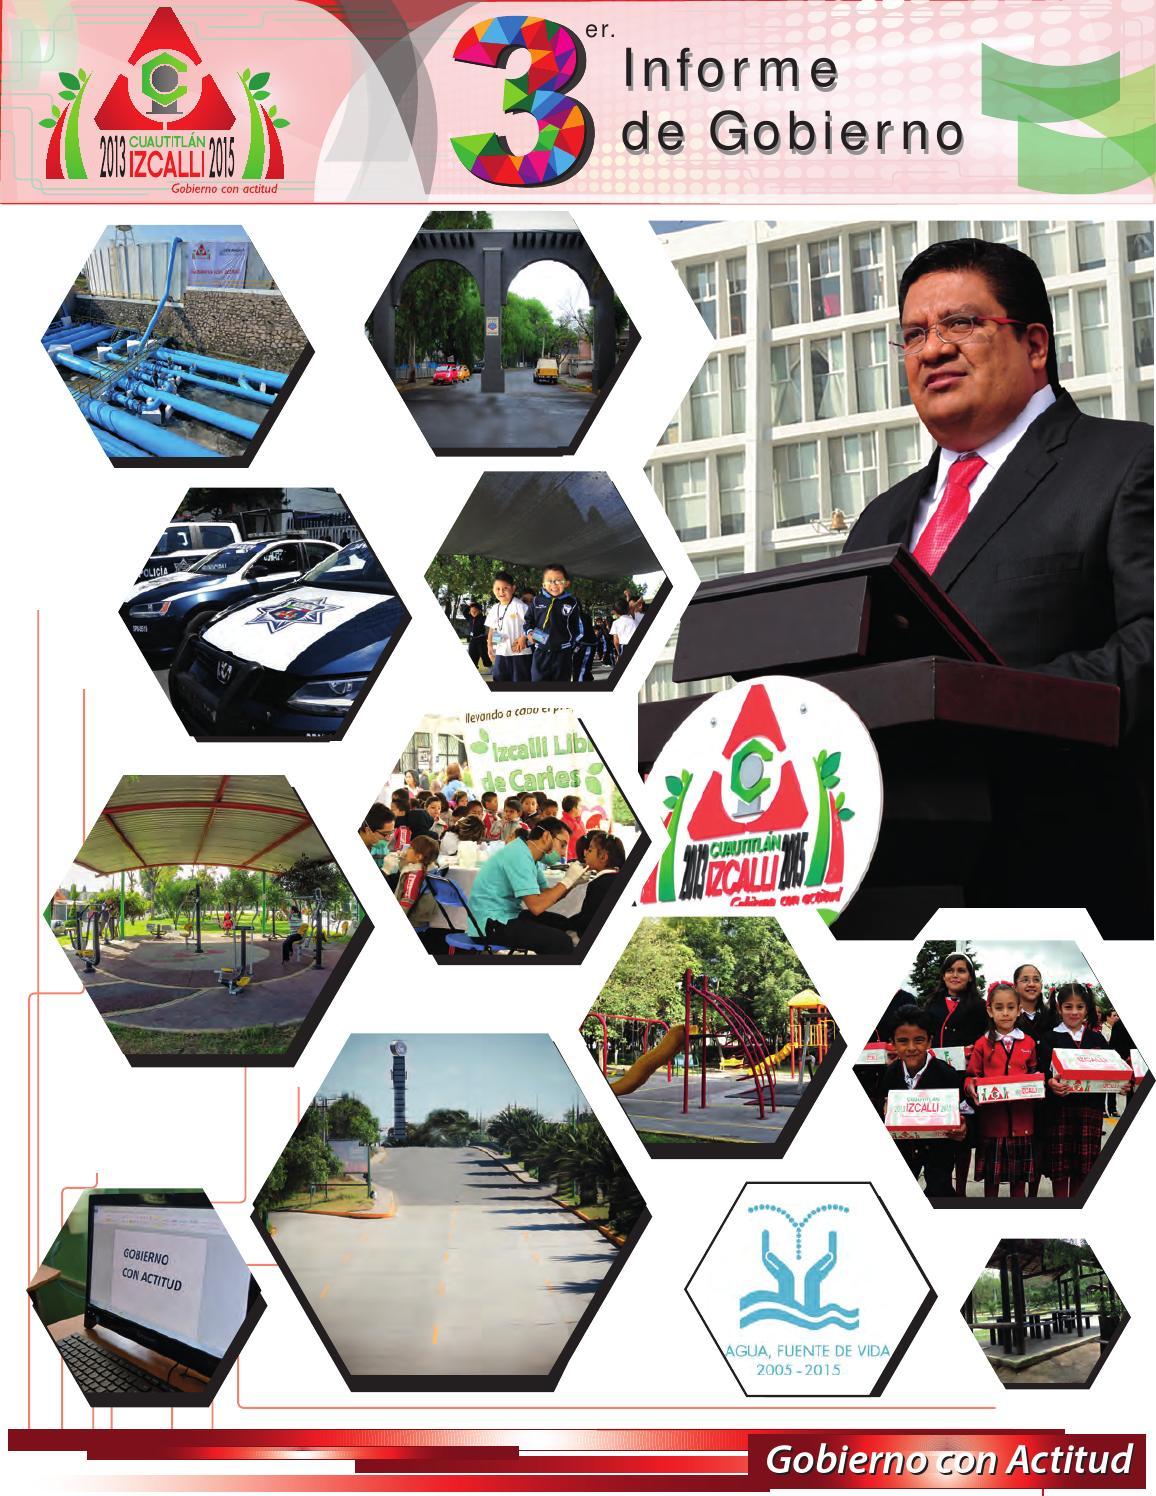 3er Informe De Gobierno De Cuautitlán Izcalli 2013 2015 By